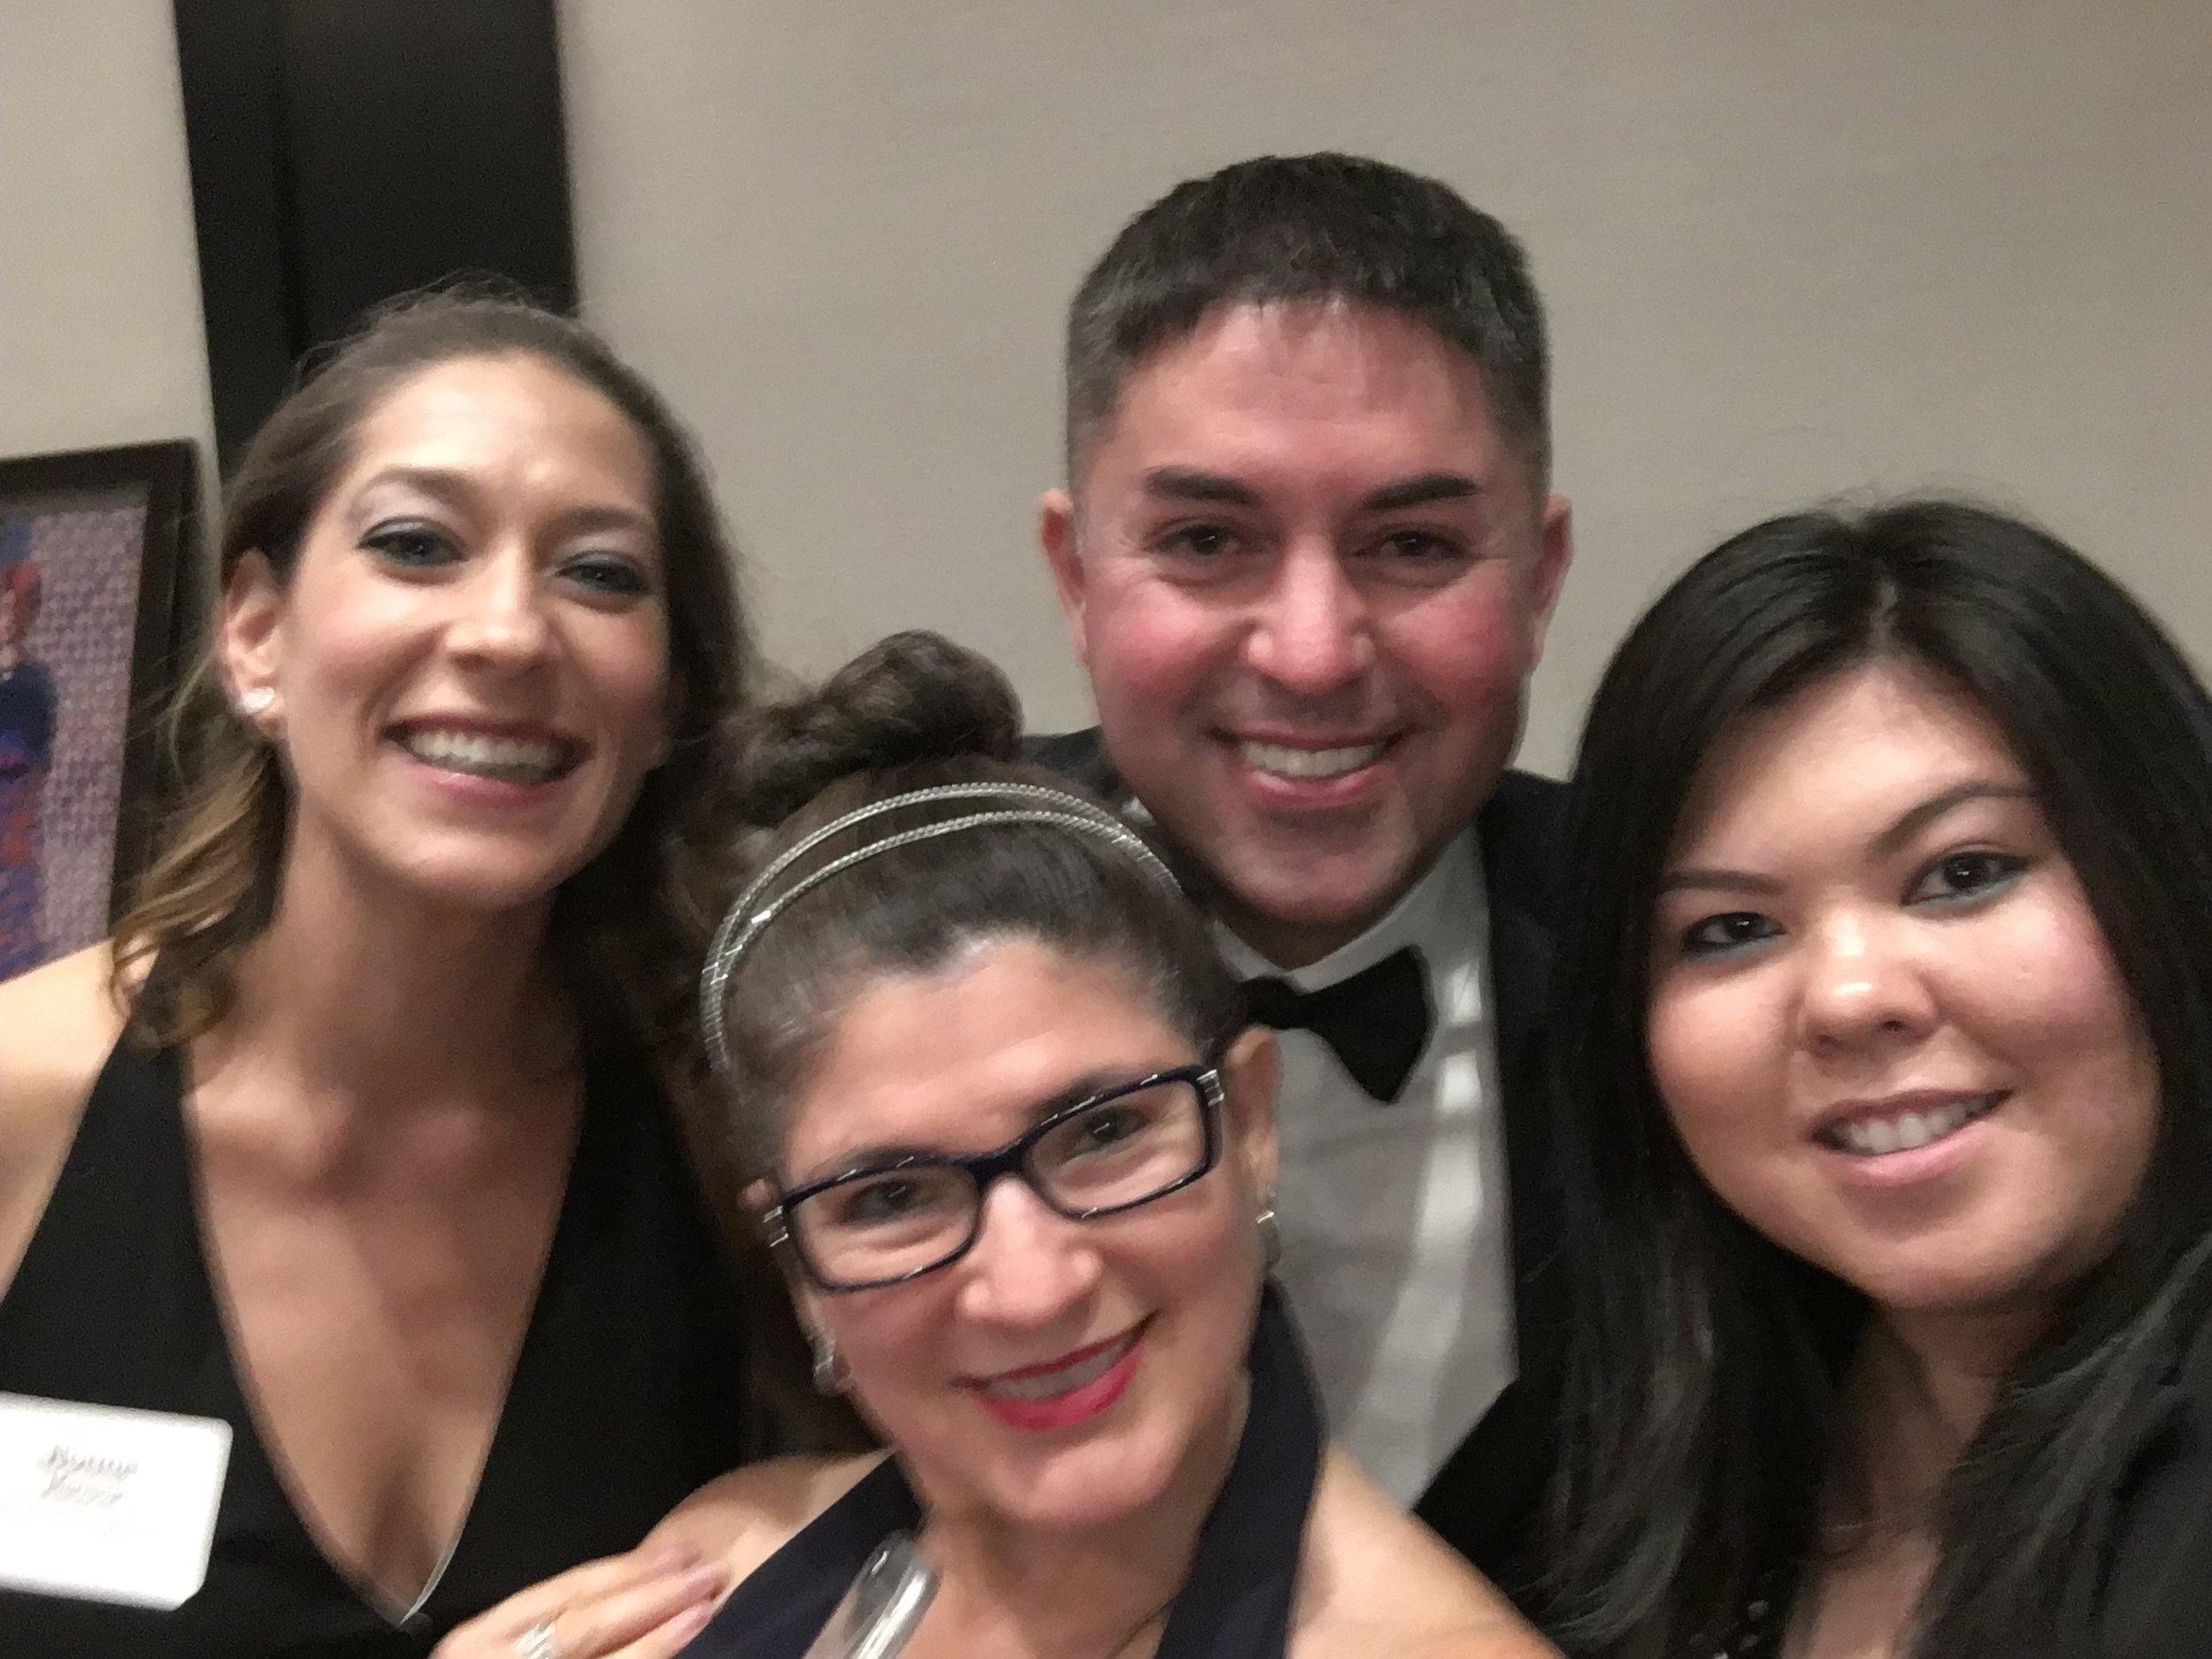 El Centro de La Raza Gala    EDI Class of 2016   Left to Right: Norma Mariscal, Carmen Marttila (2016 Program Chair) Jeremy Ochoa, Brittany Ryerson (EDI Events Manager)